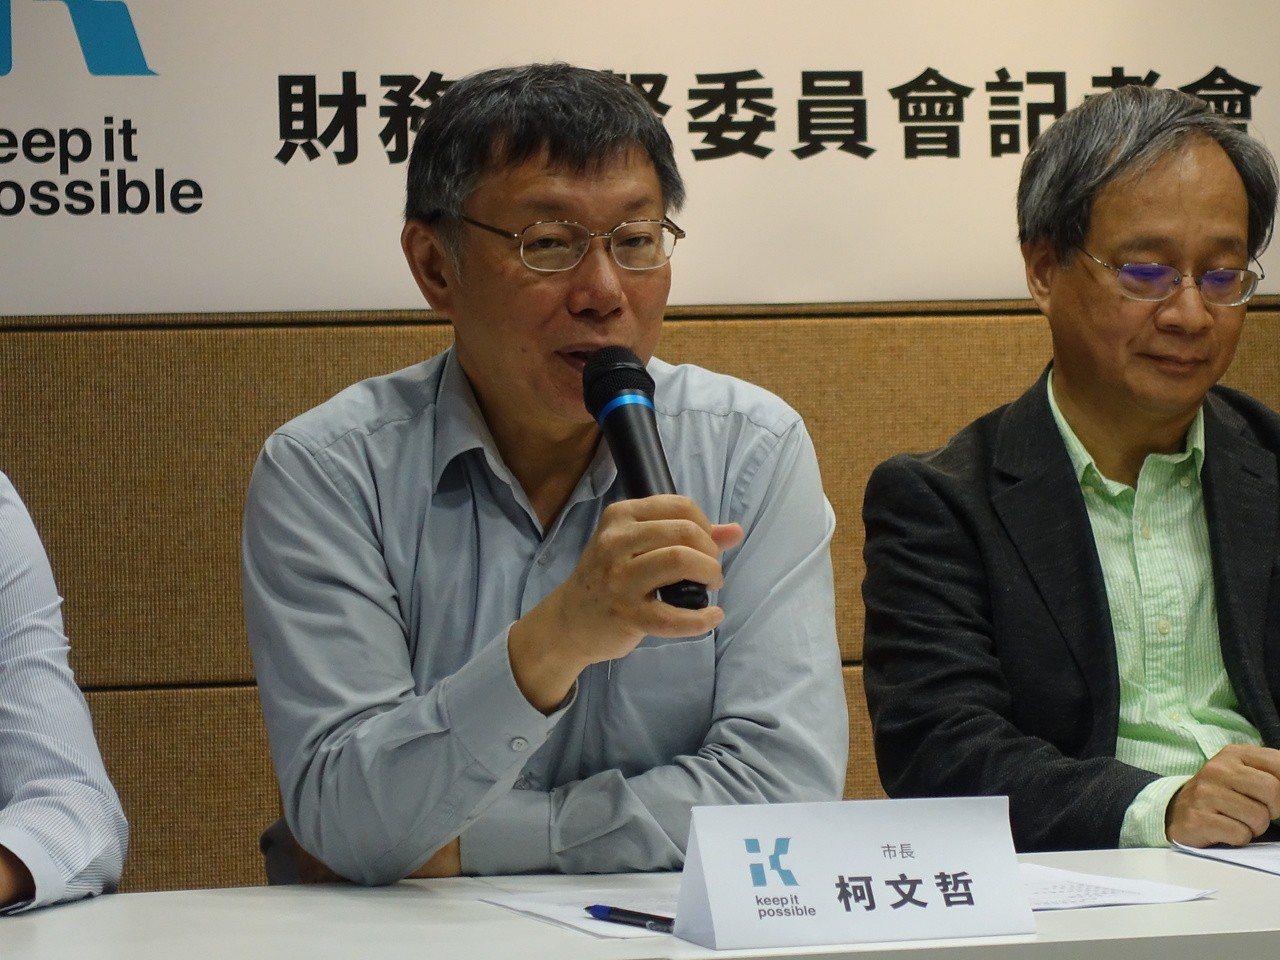 台北市長柯文哲今也被問到,覺得自己像書中的哪個角色?柯文哲則笑說「洪七公」。記者...